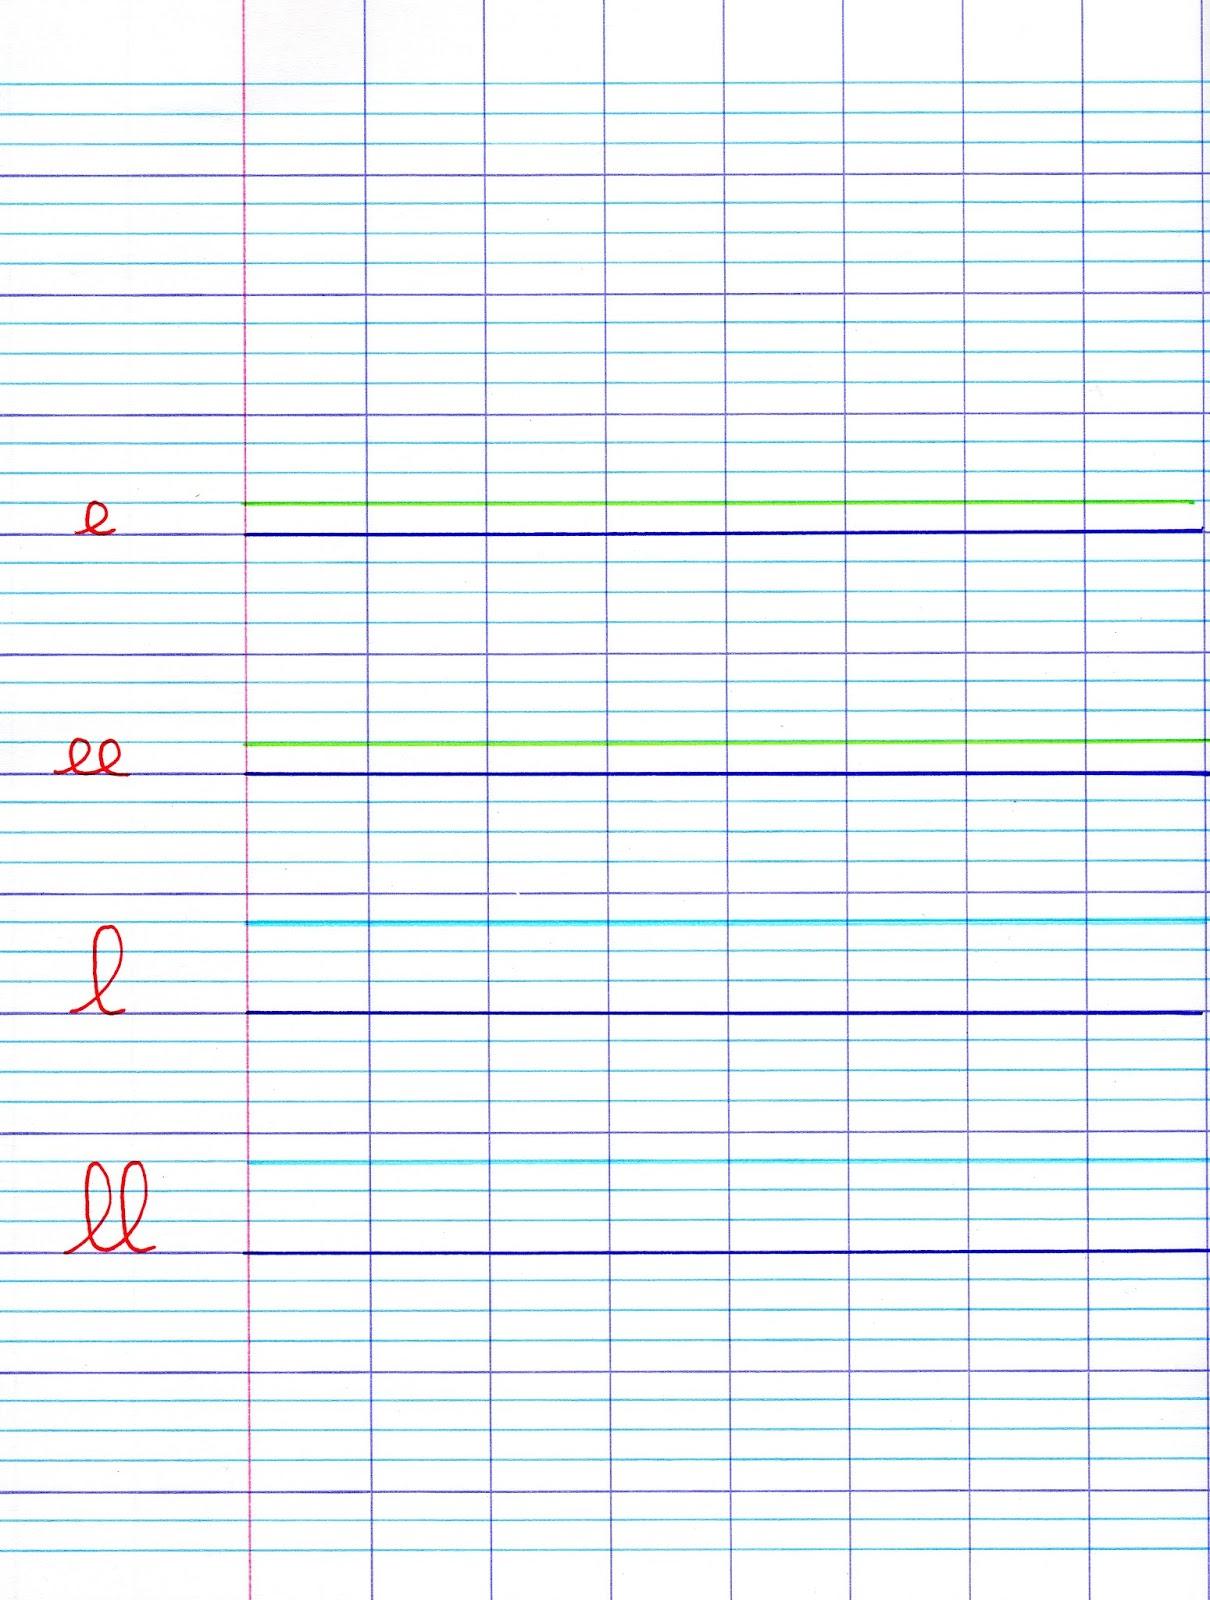 Ipotame Tame Ecriture Lettres De L Alphabet Et Chiffres Cp